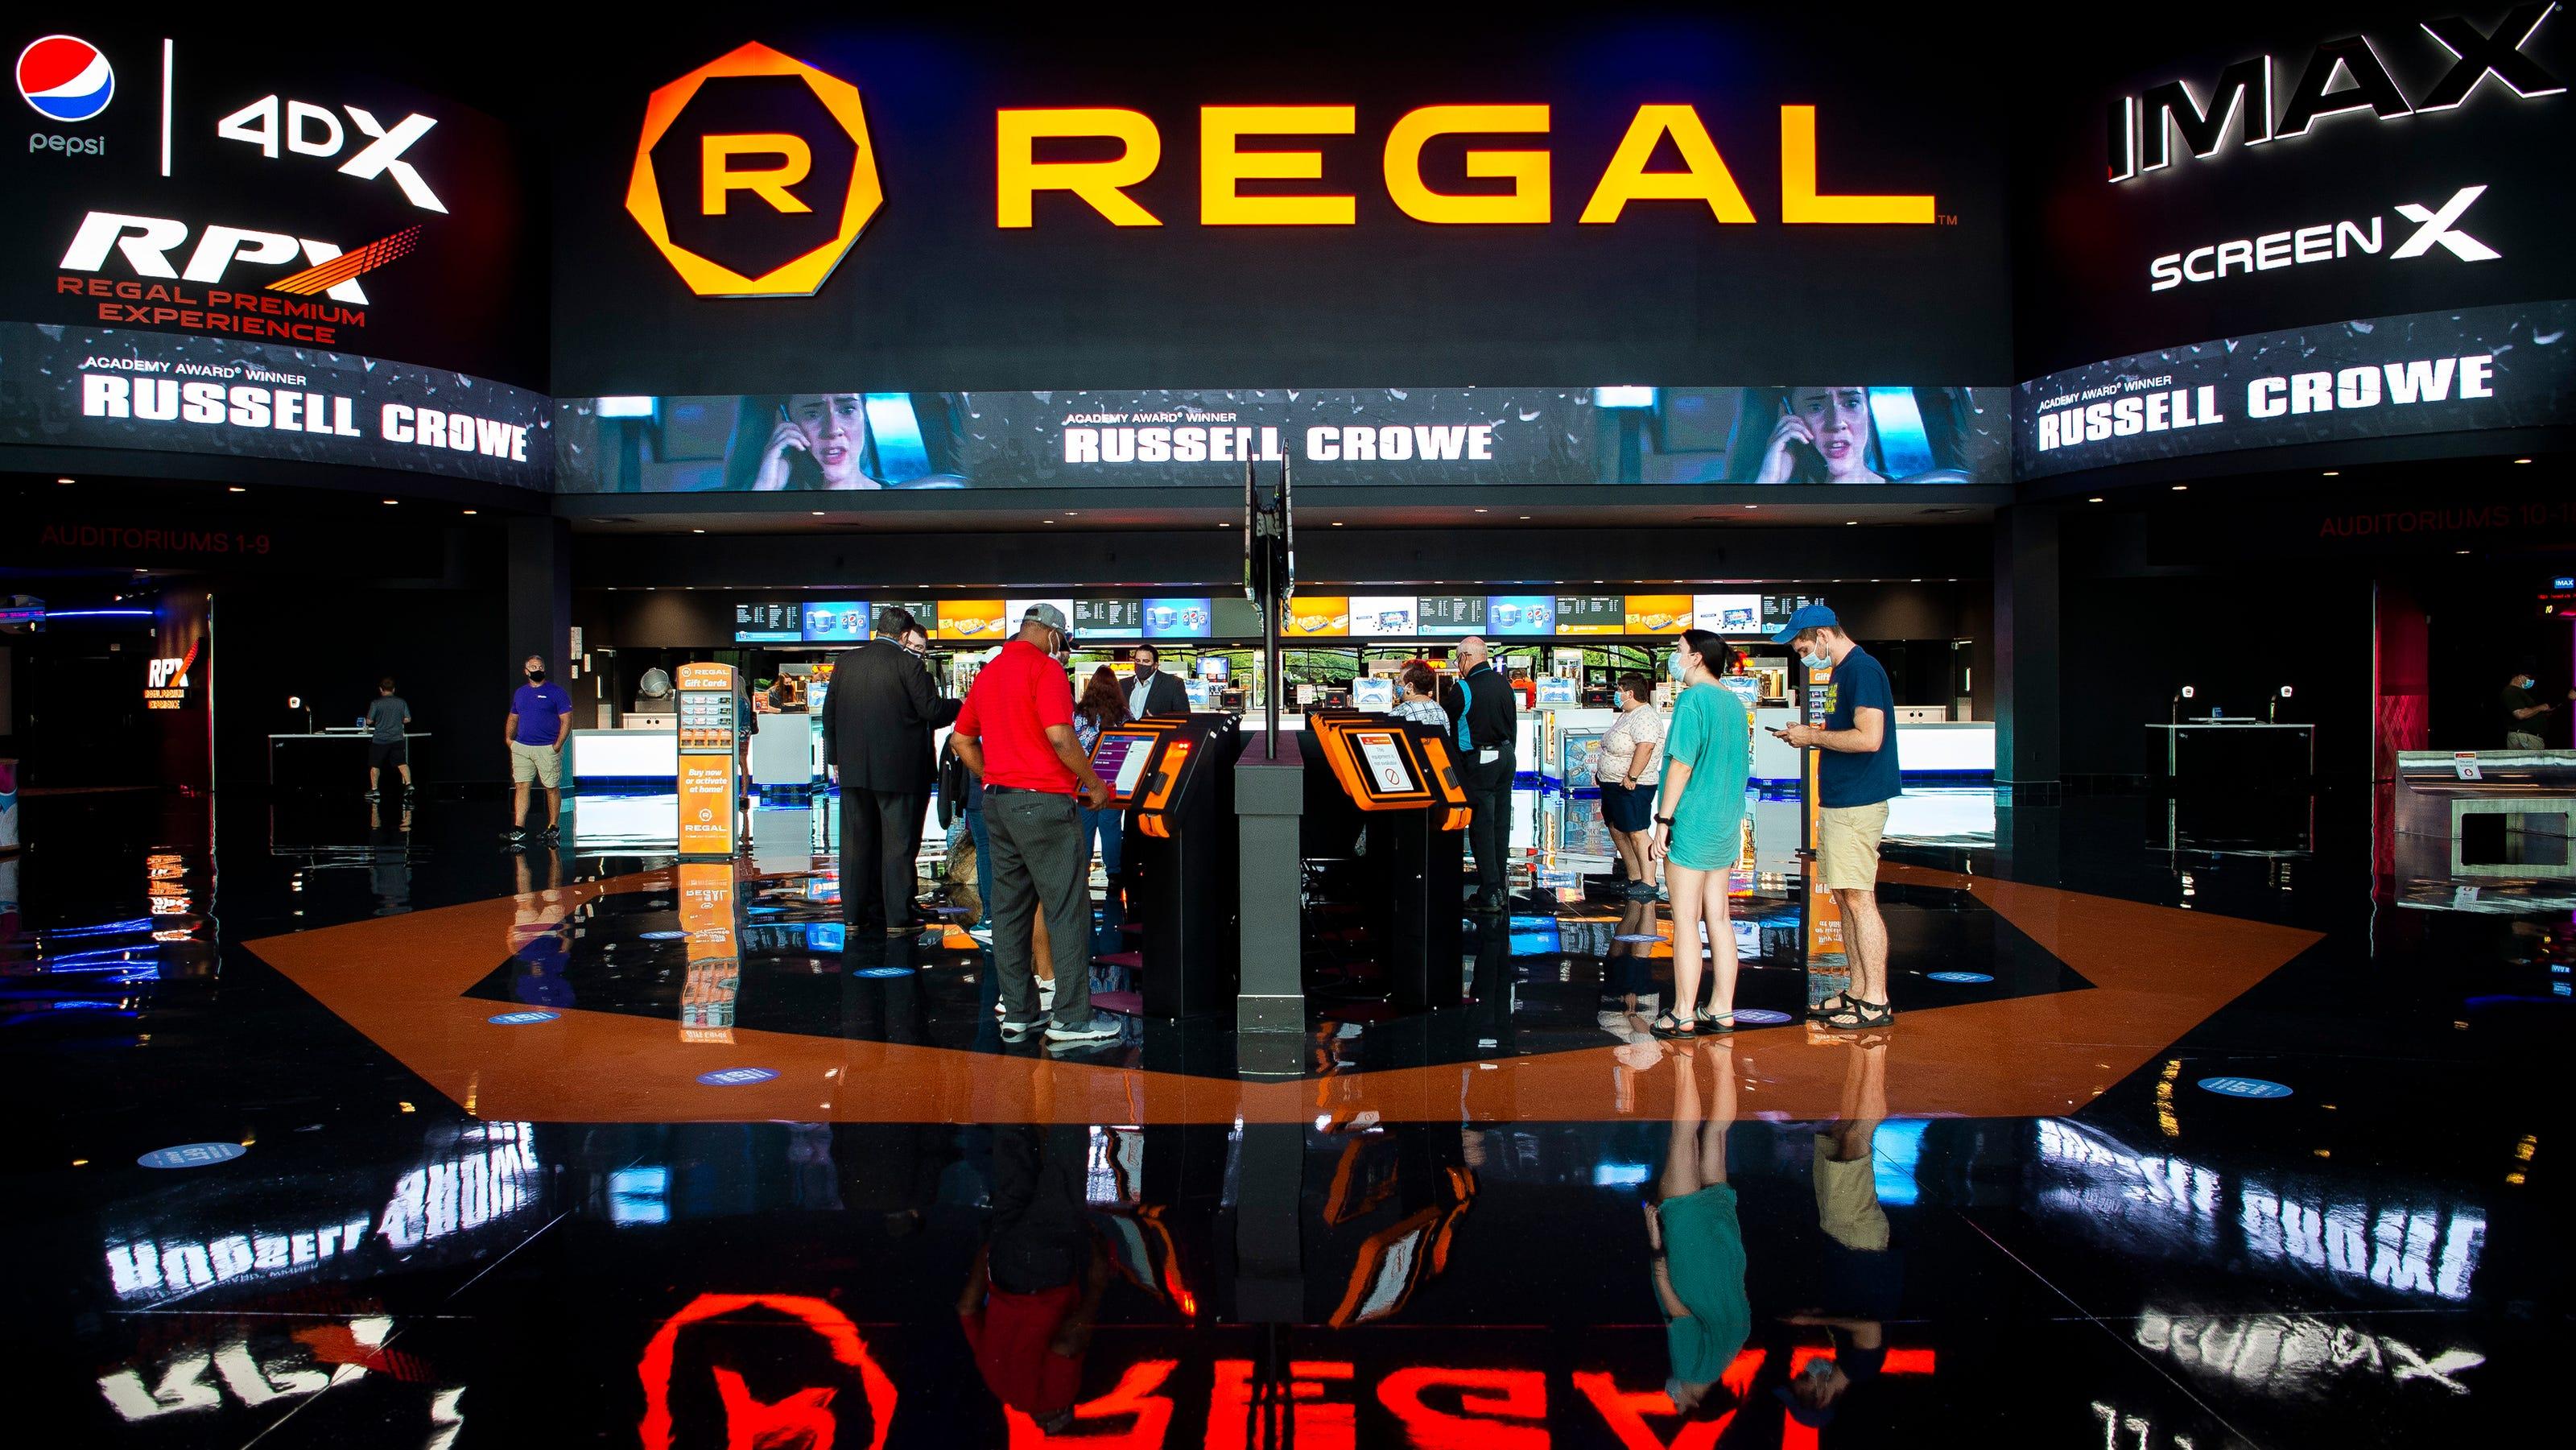 regal cinemas closing temporarily again in united states regal cinemas closing temporarily again